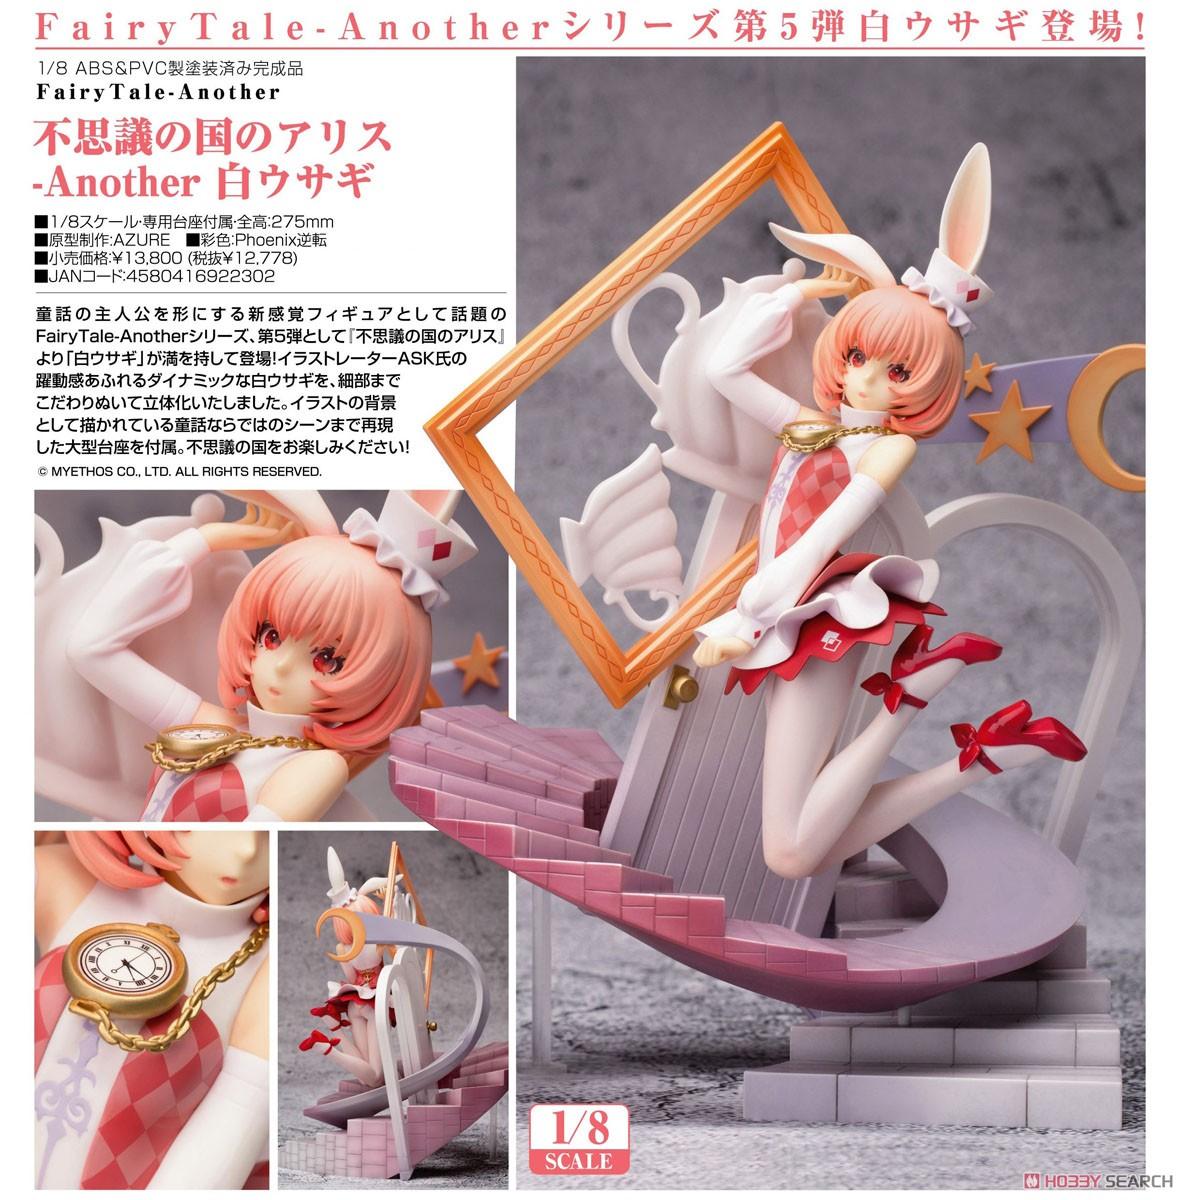 Alice in Wonderland - Another White Rabbit